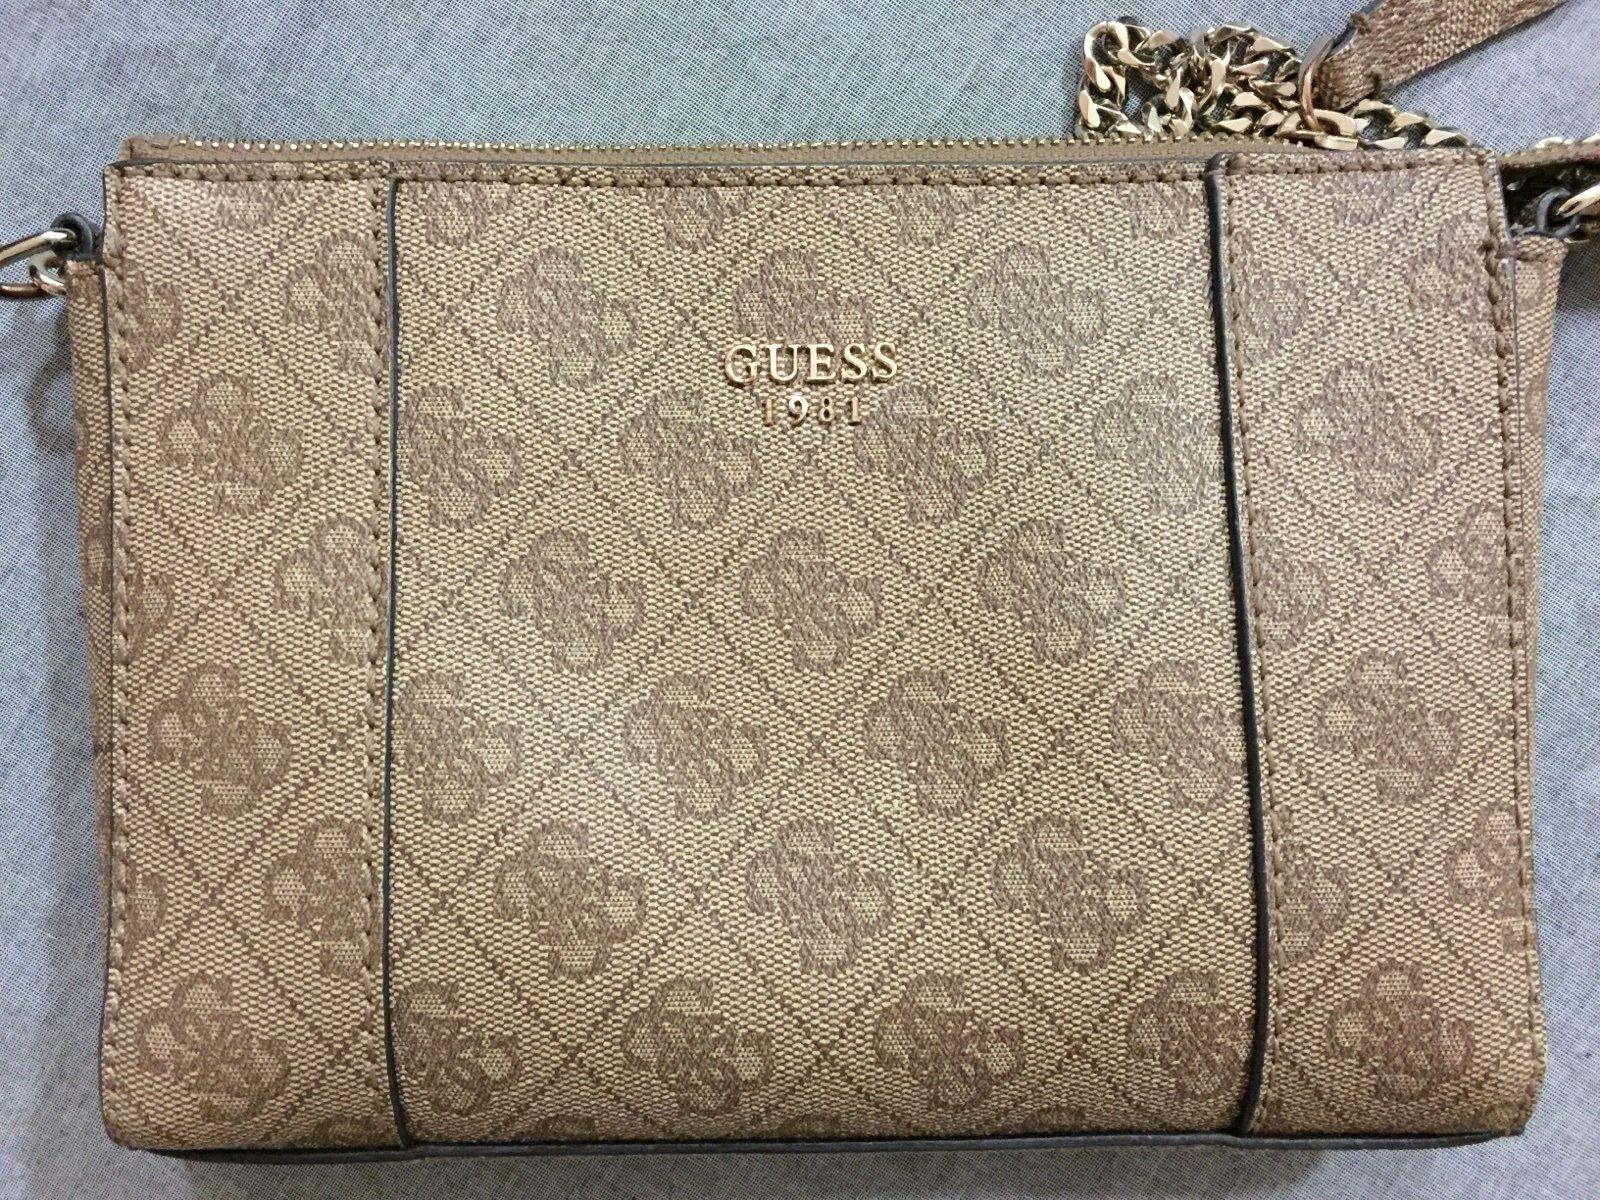 a3f071126 Guess original damska crossbody kabelka, - 70 € od predávajúcej lolanite |  Detský bazár | ModryKonik.sk